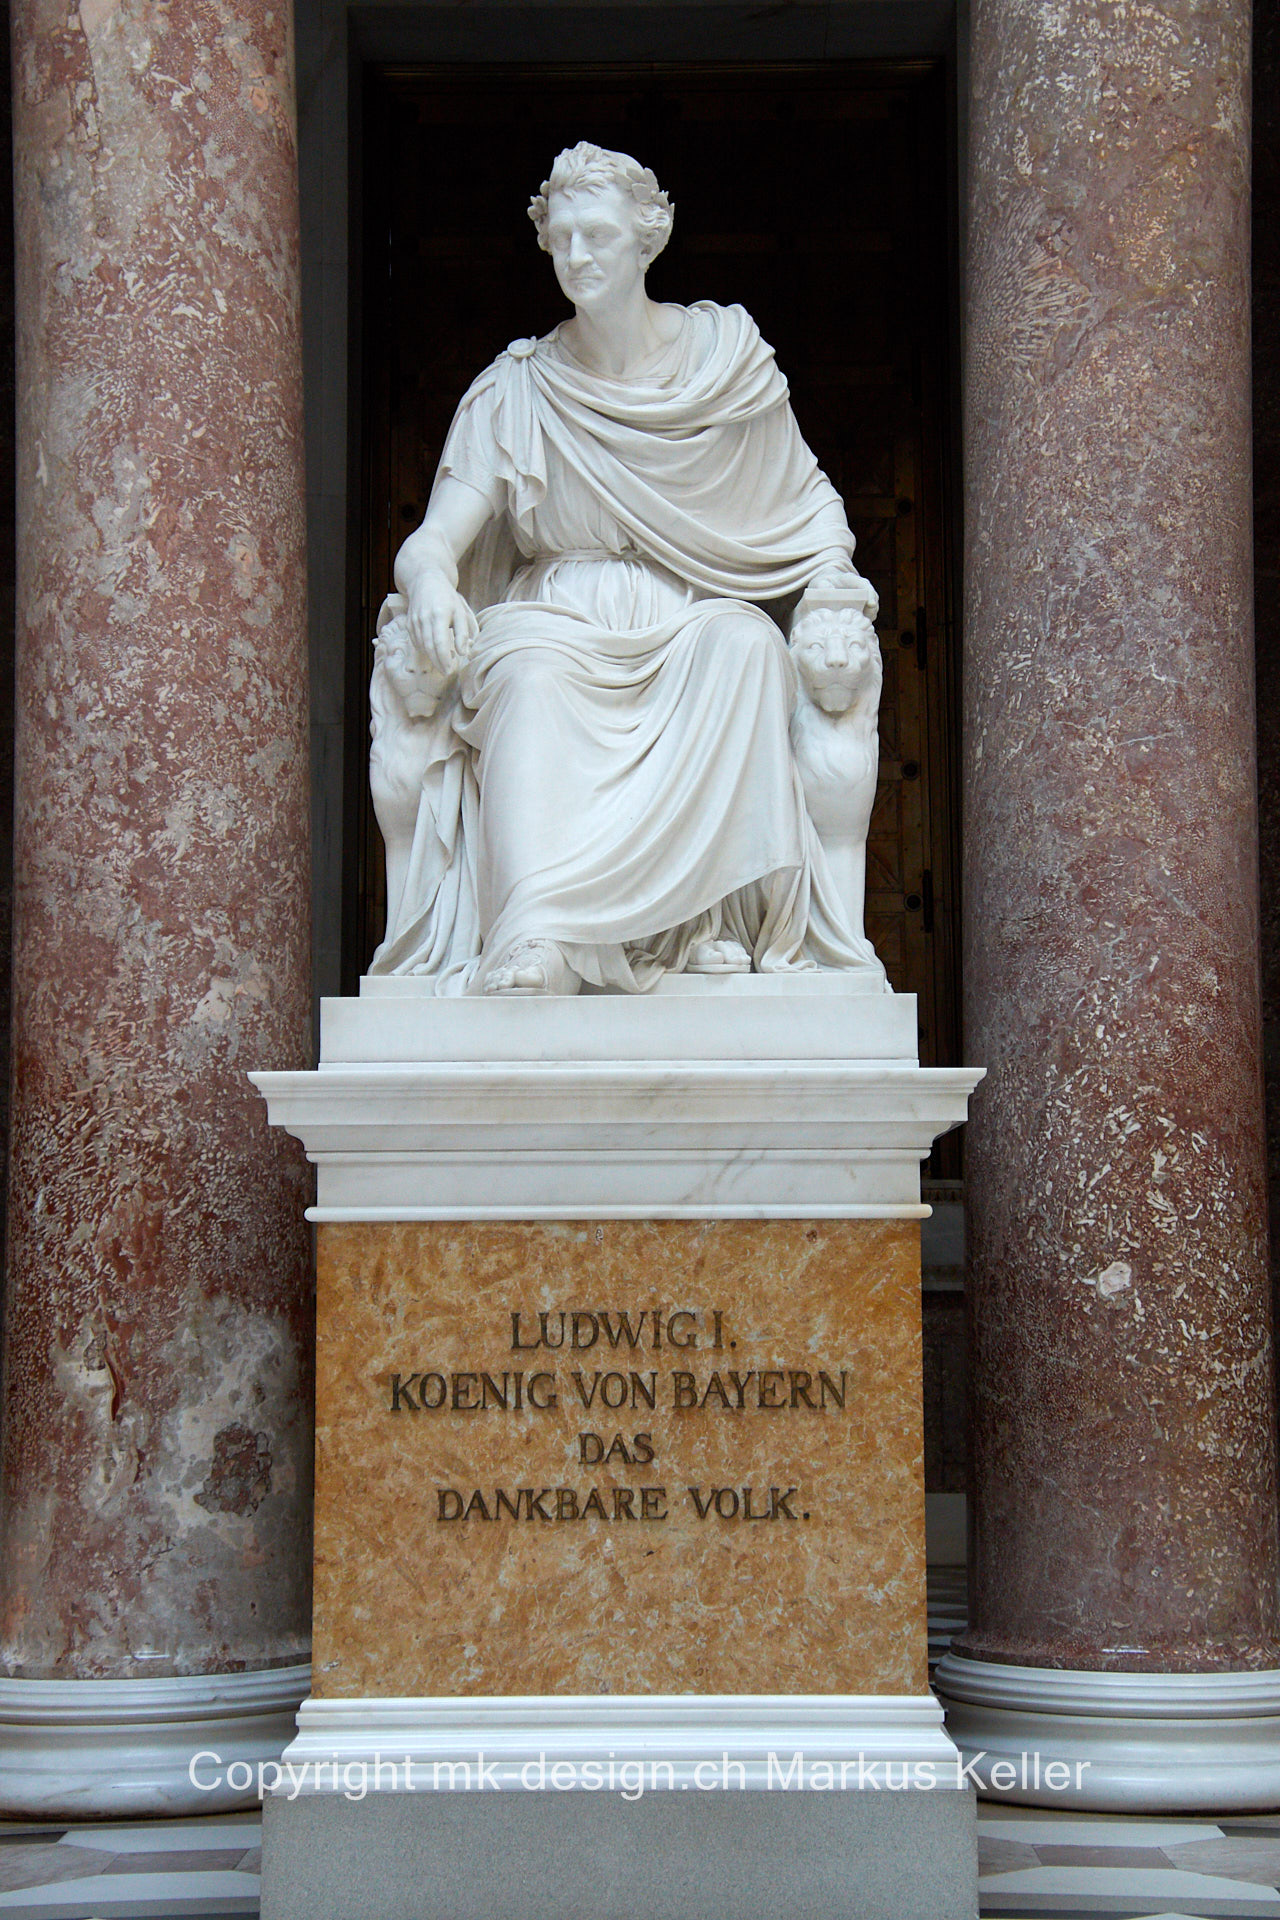 Bauwerk   Monument   Walhalla   Statue/Skulptur   Ludwig I